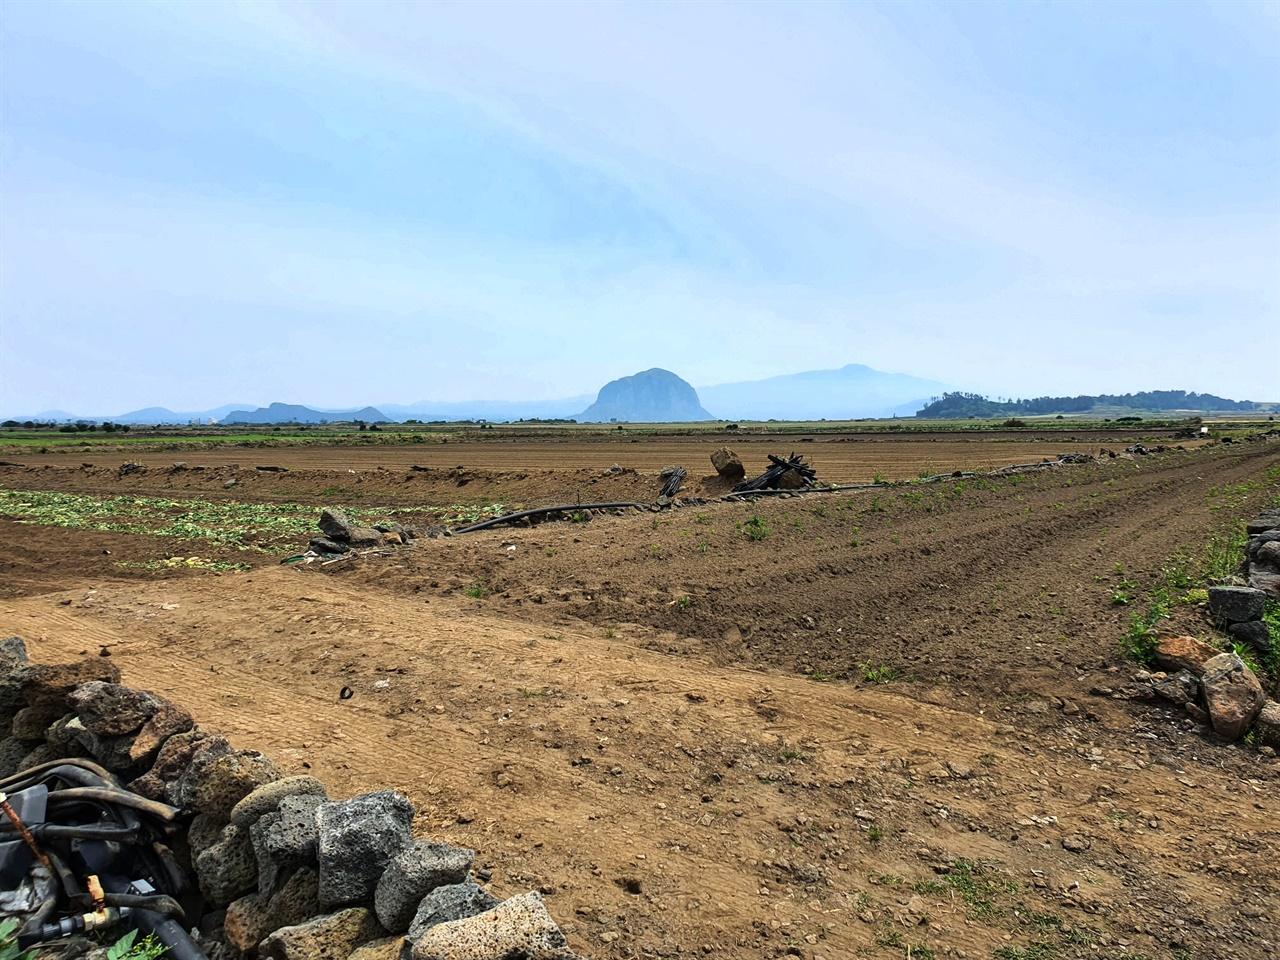 """밭과 산방산 6월 제주 밭은 메밀, 옥수수, 감자(제주에서는 고구마를 감자라고 부르고, 감자는 """"지슬""""이라고 부른다), 귀리 등 온갖 작물로 풍성하다."""